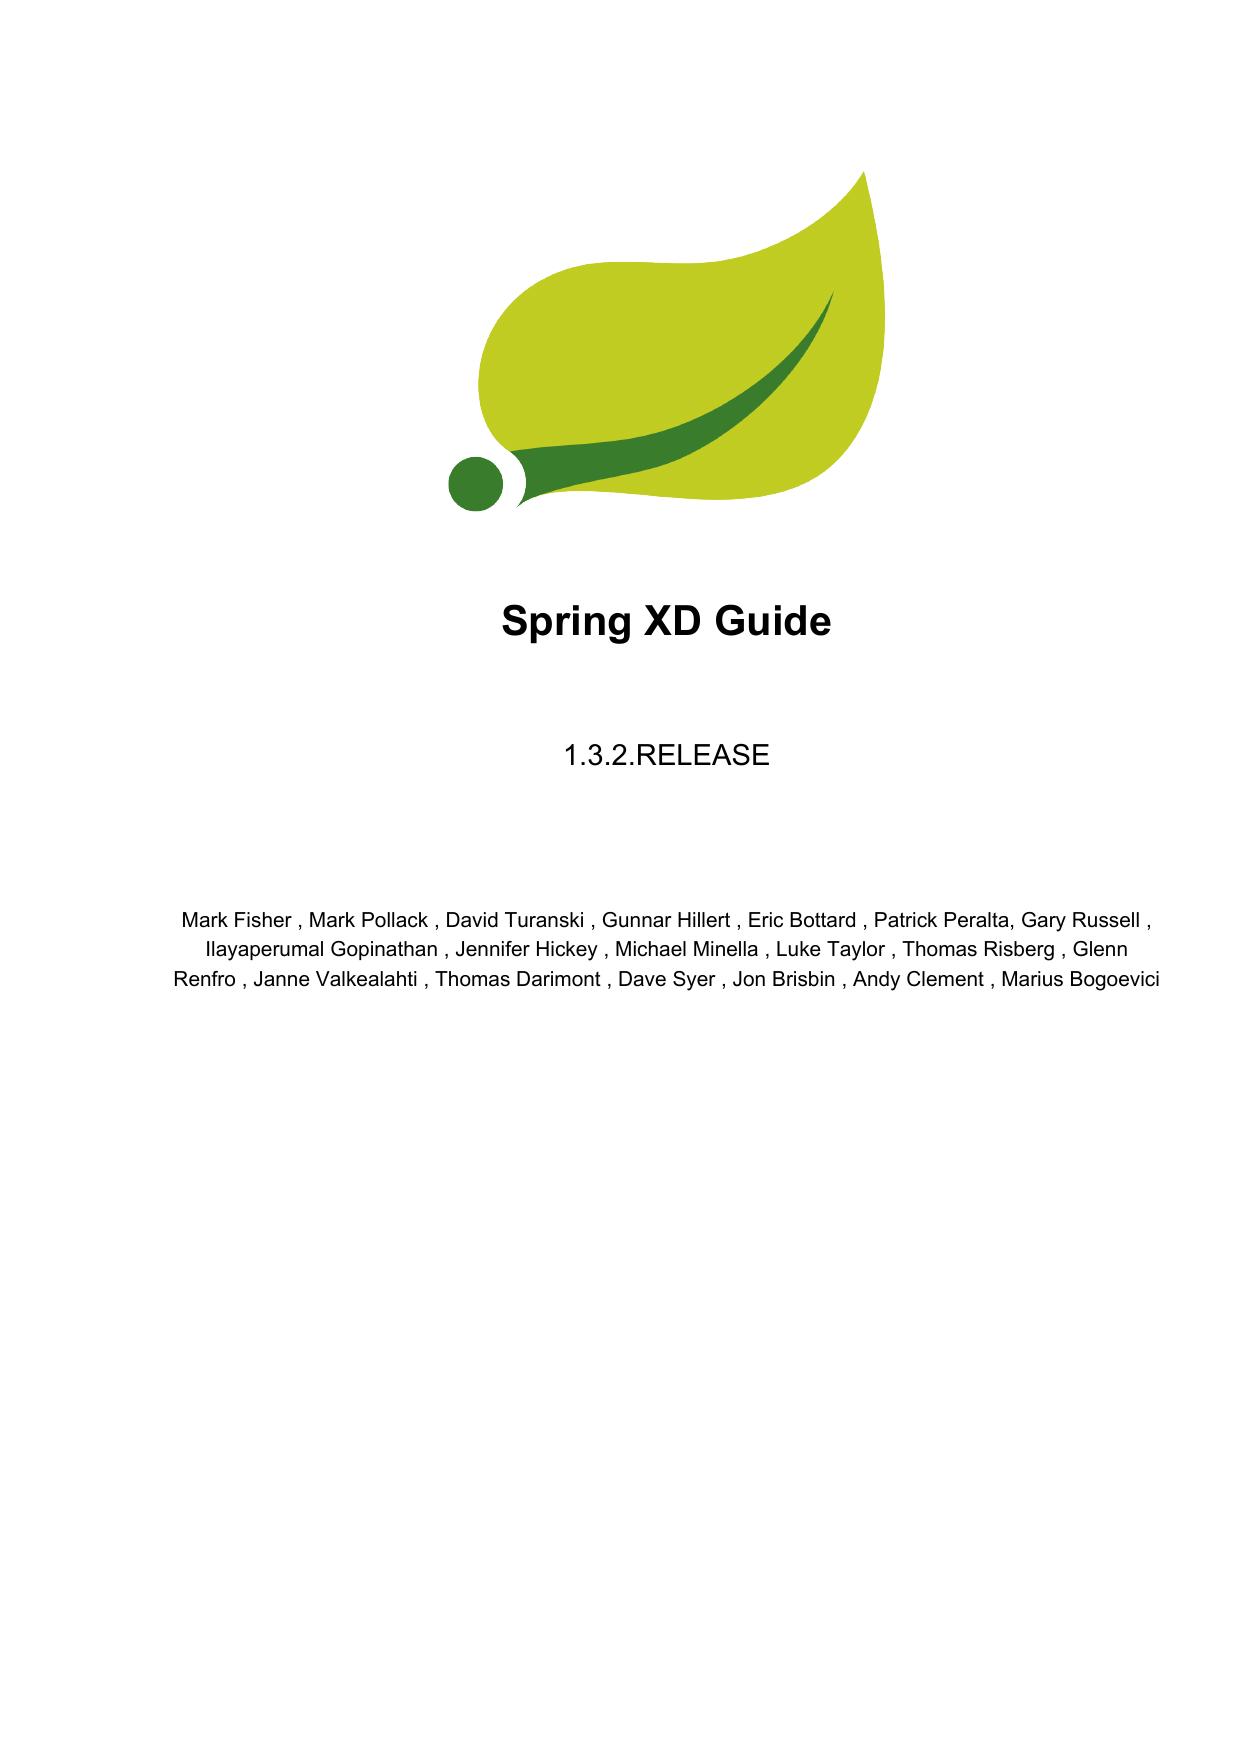 Spring XD Guide | manualzz com